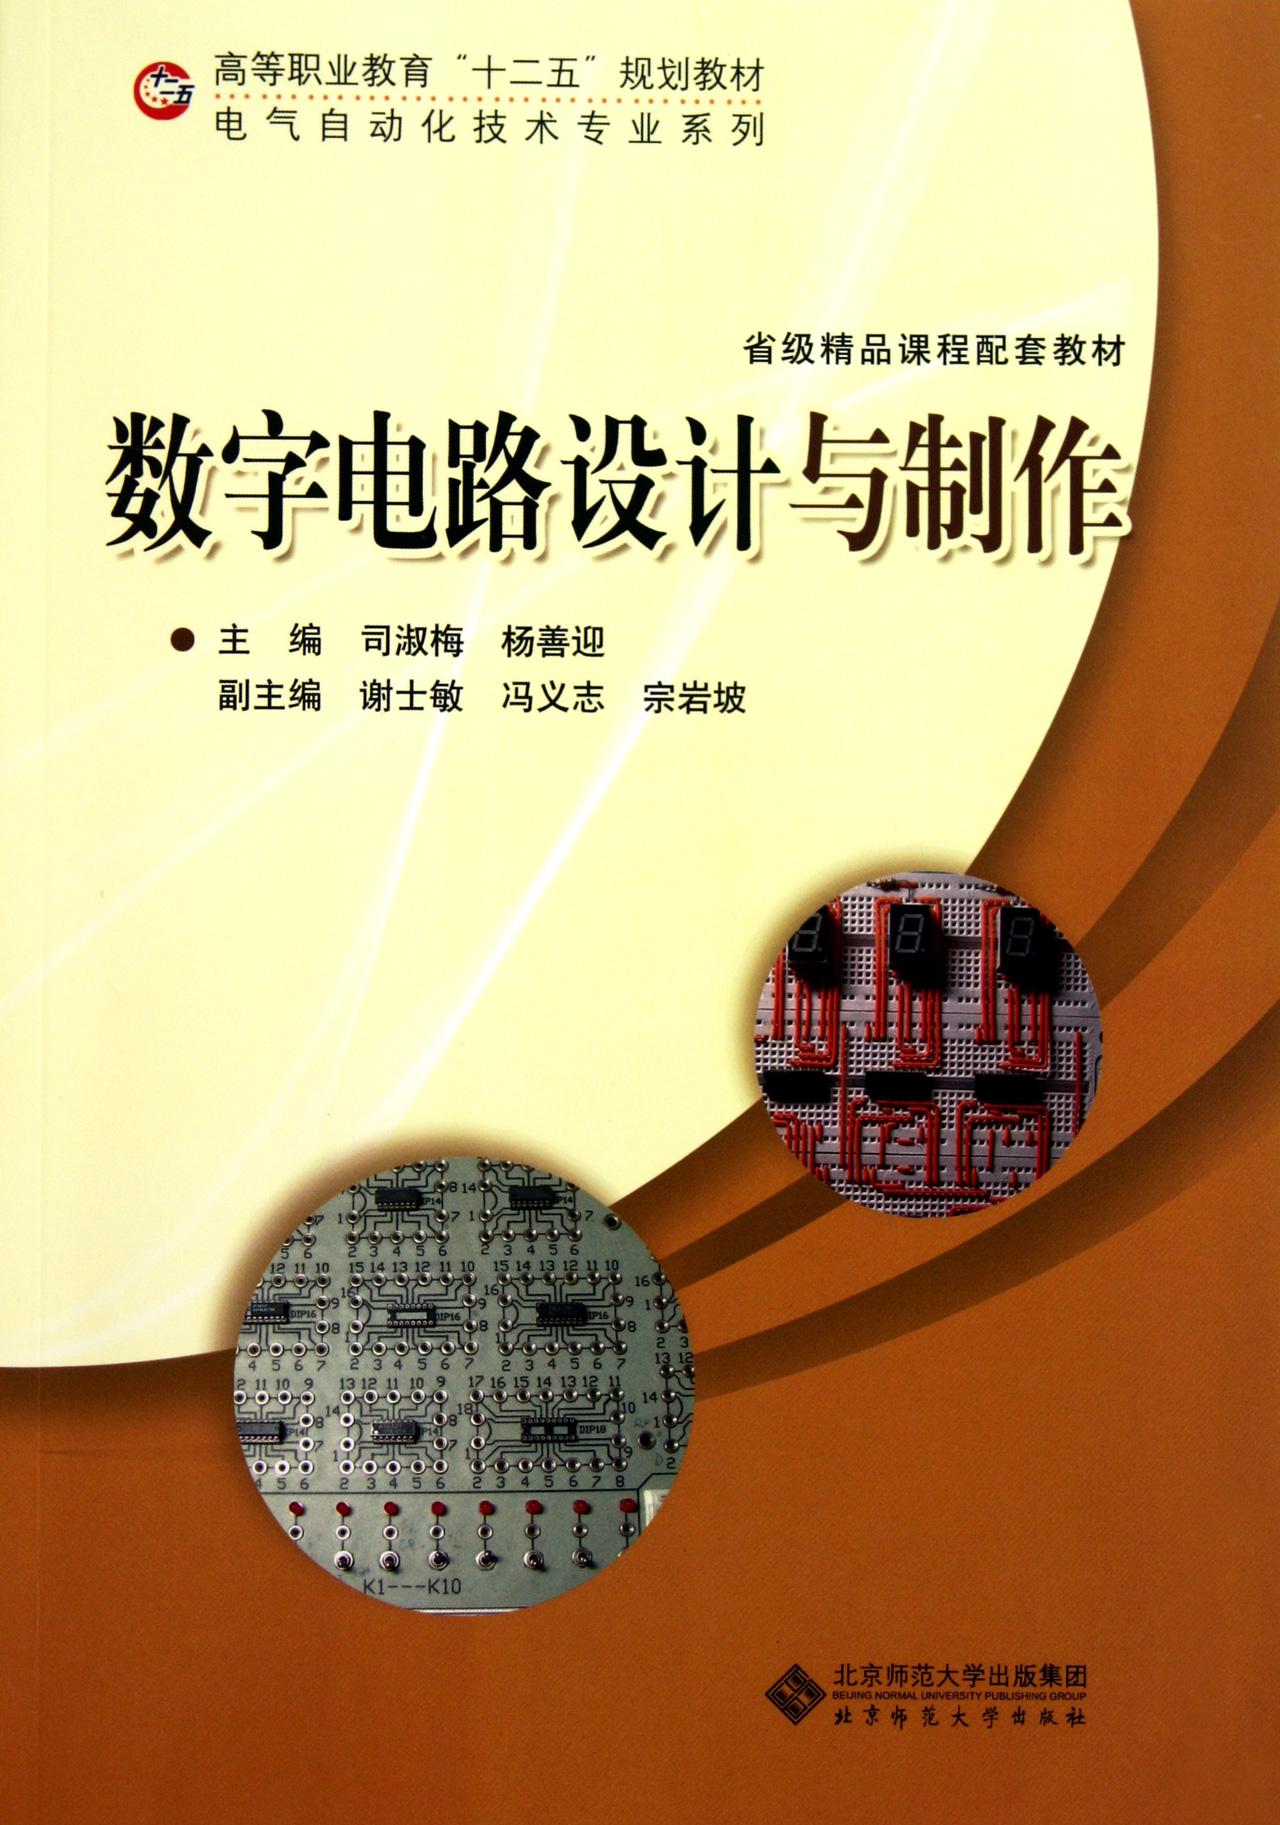 数字电路设计与制作(高等职业教育十二五规划教材)